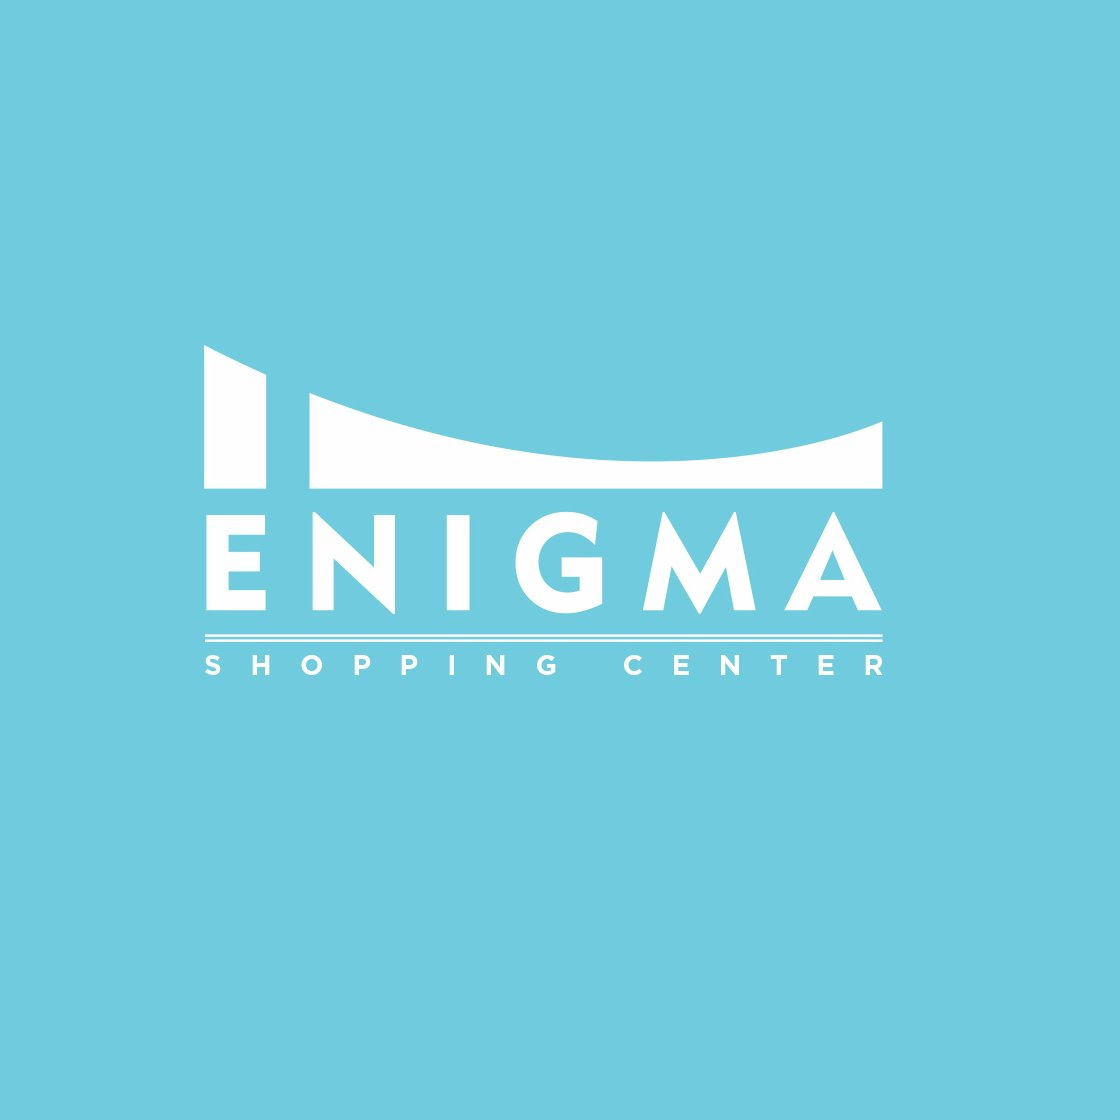 Mouzenidis Group торжественно открыл Торговый центр «Enigma Mall» на полуострове Халкидики